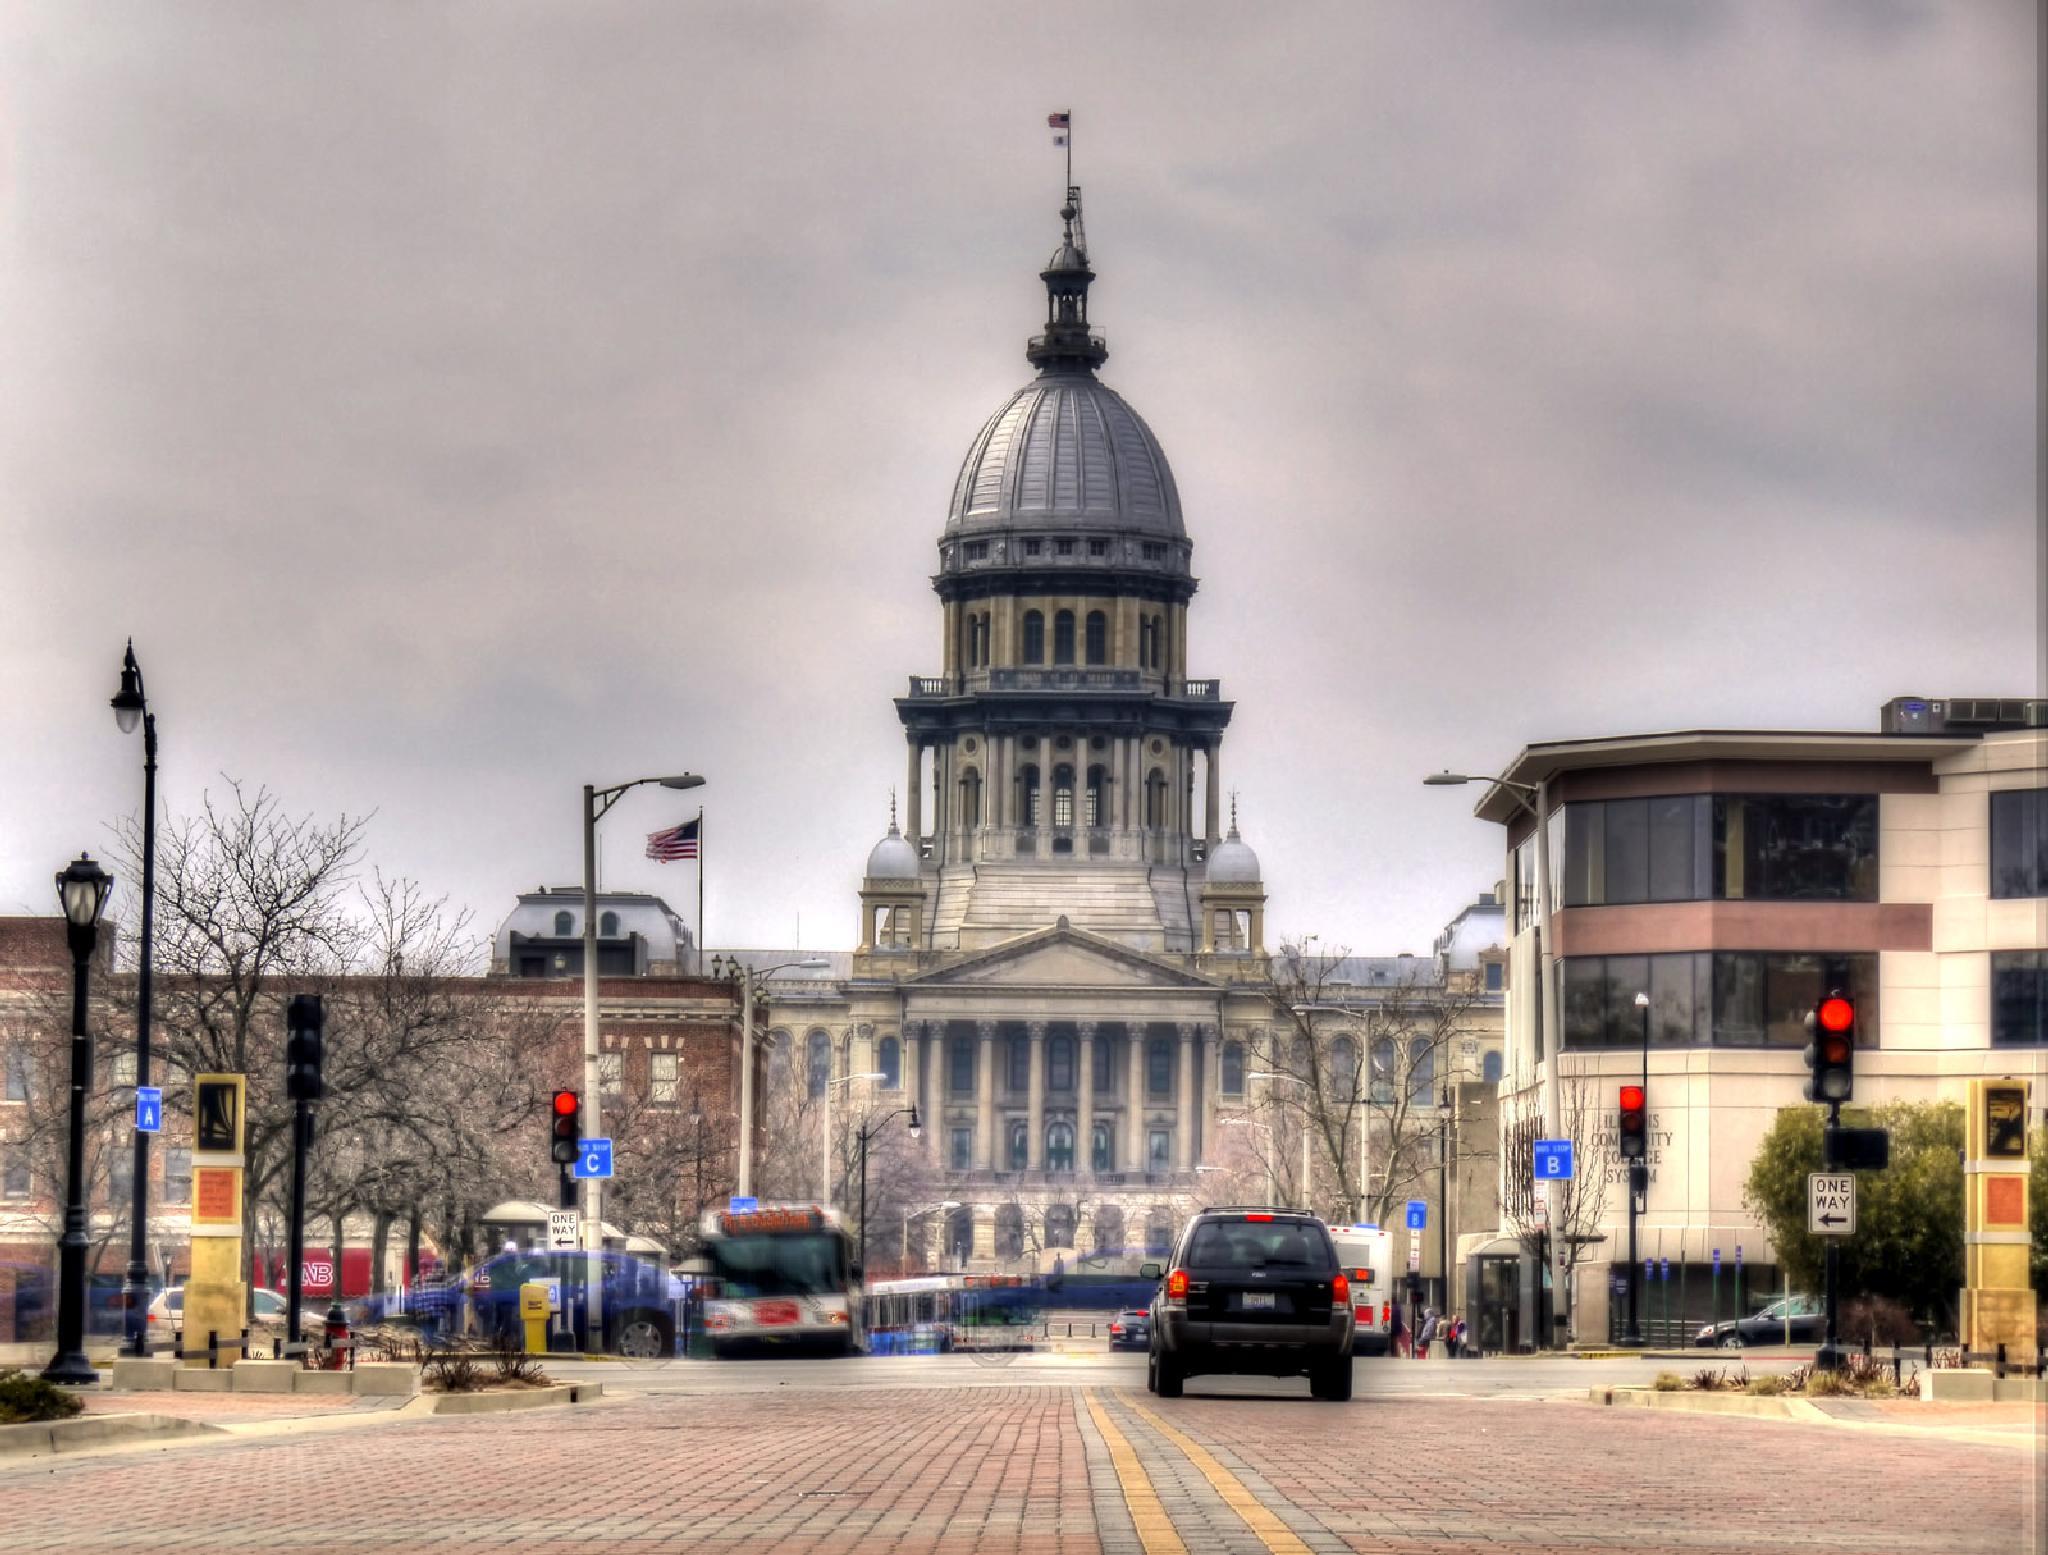 Springfield, IL Capital by AuntyLynn